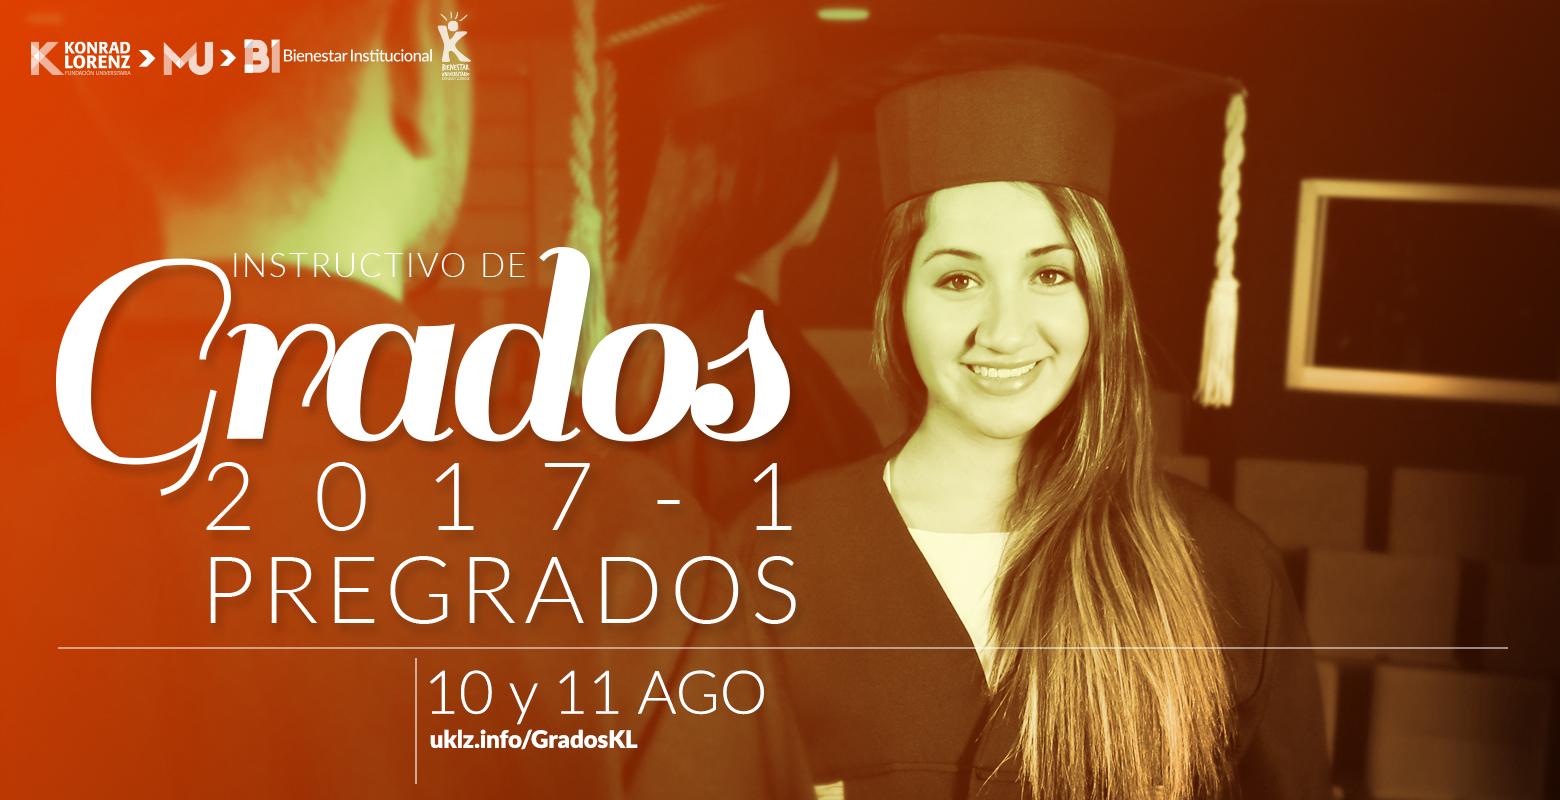 Instructivo de Grados 2017-1 Pregrados